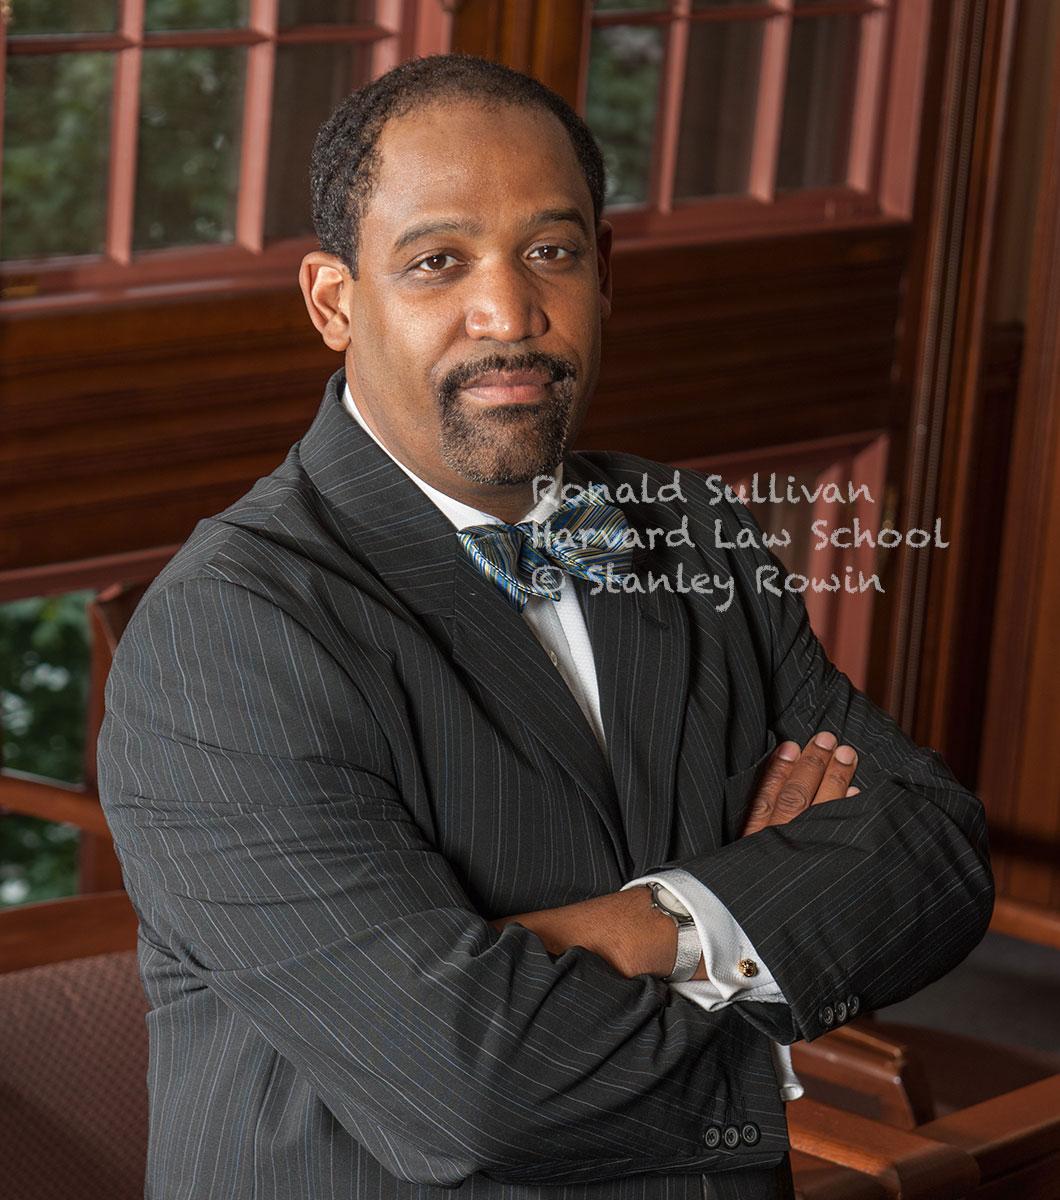 Professor Ronald Sullivan-Harvard Law School